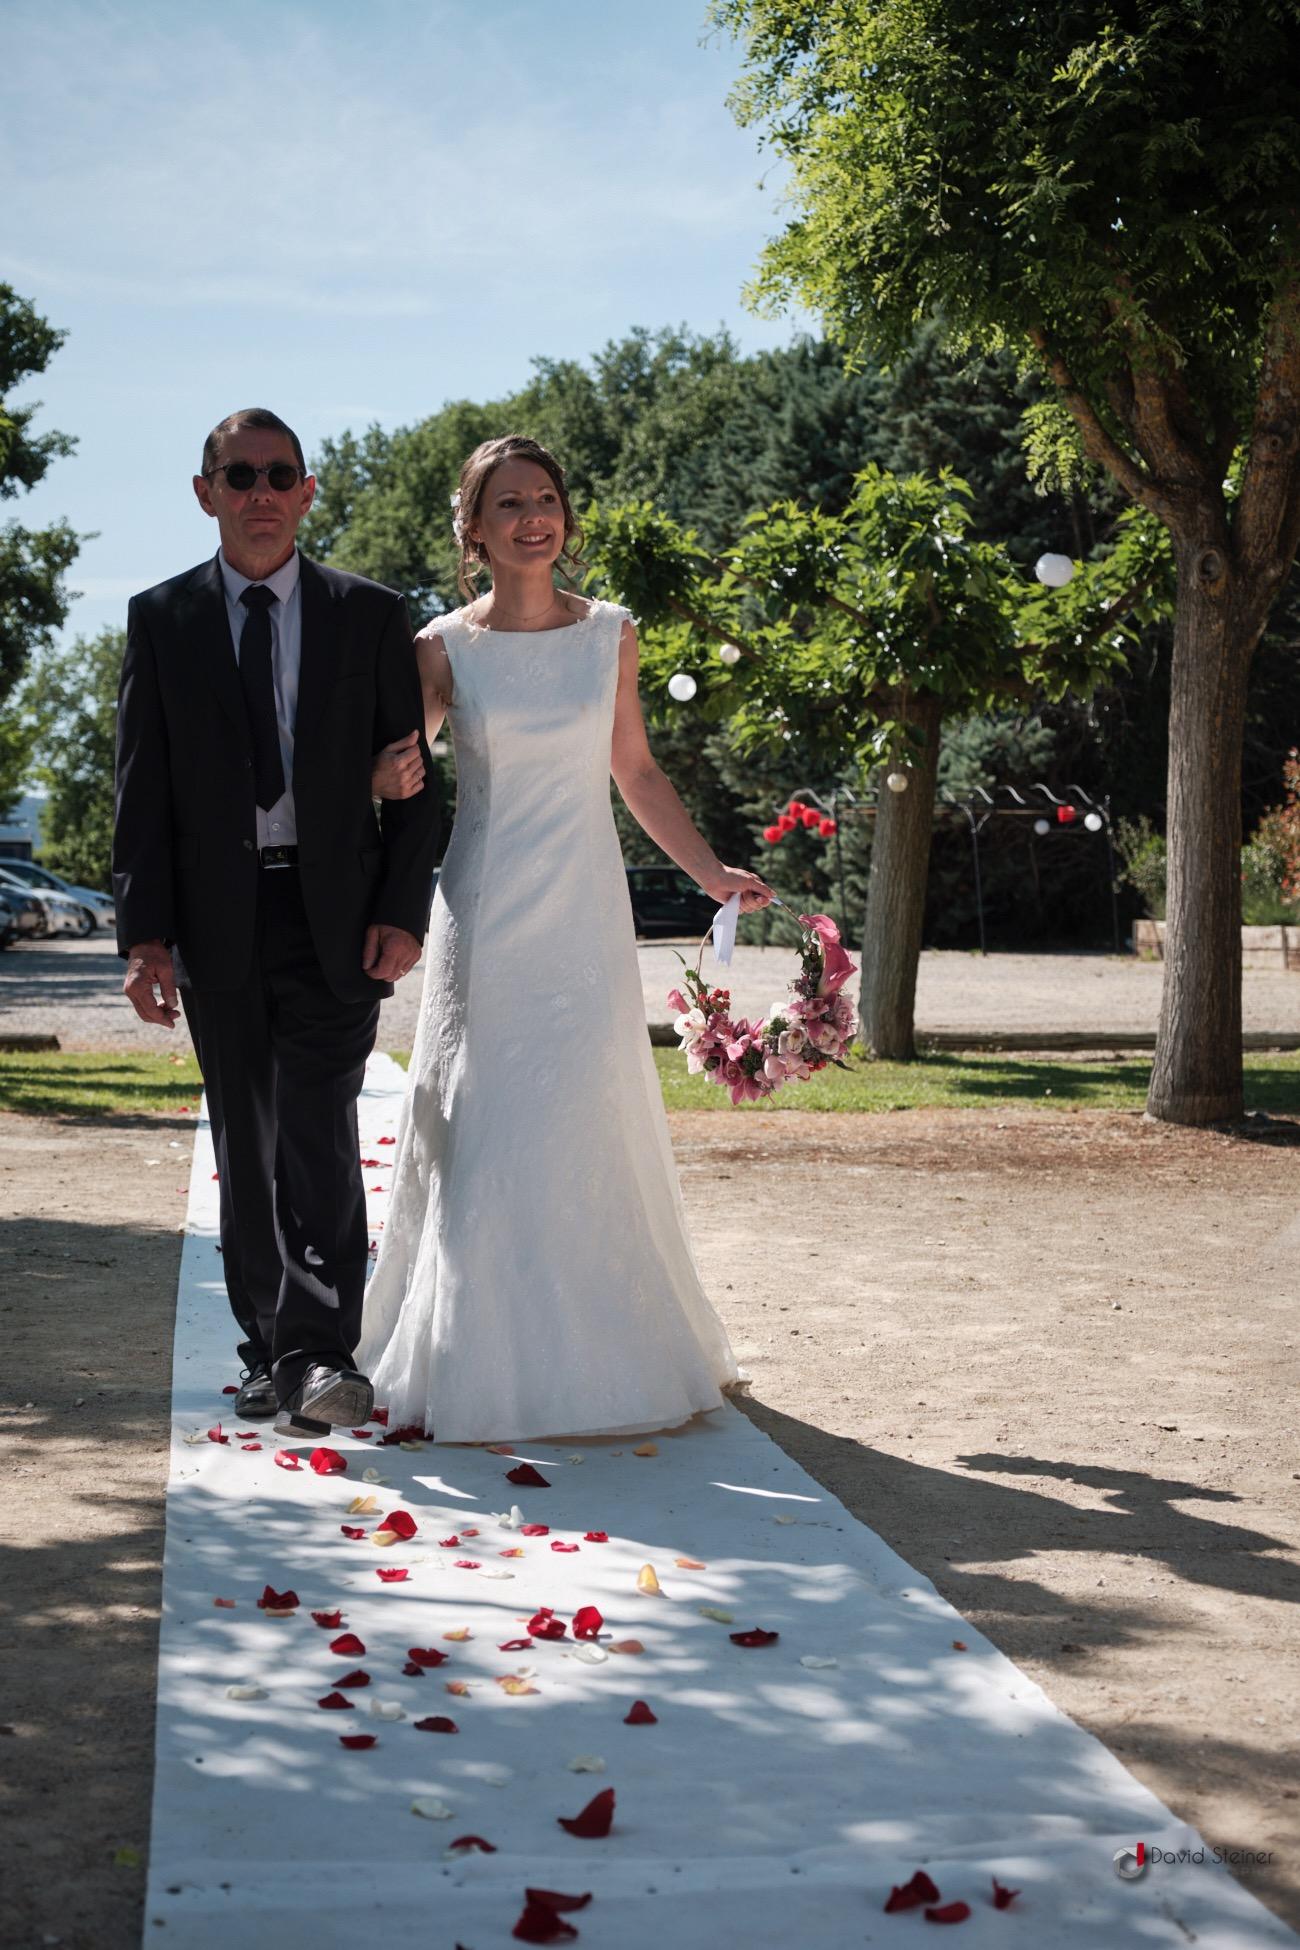 Cérémonie laïque : arrivée de la mariée au bras de son père au Domaine du Vert Moulin